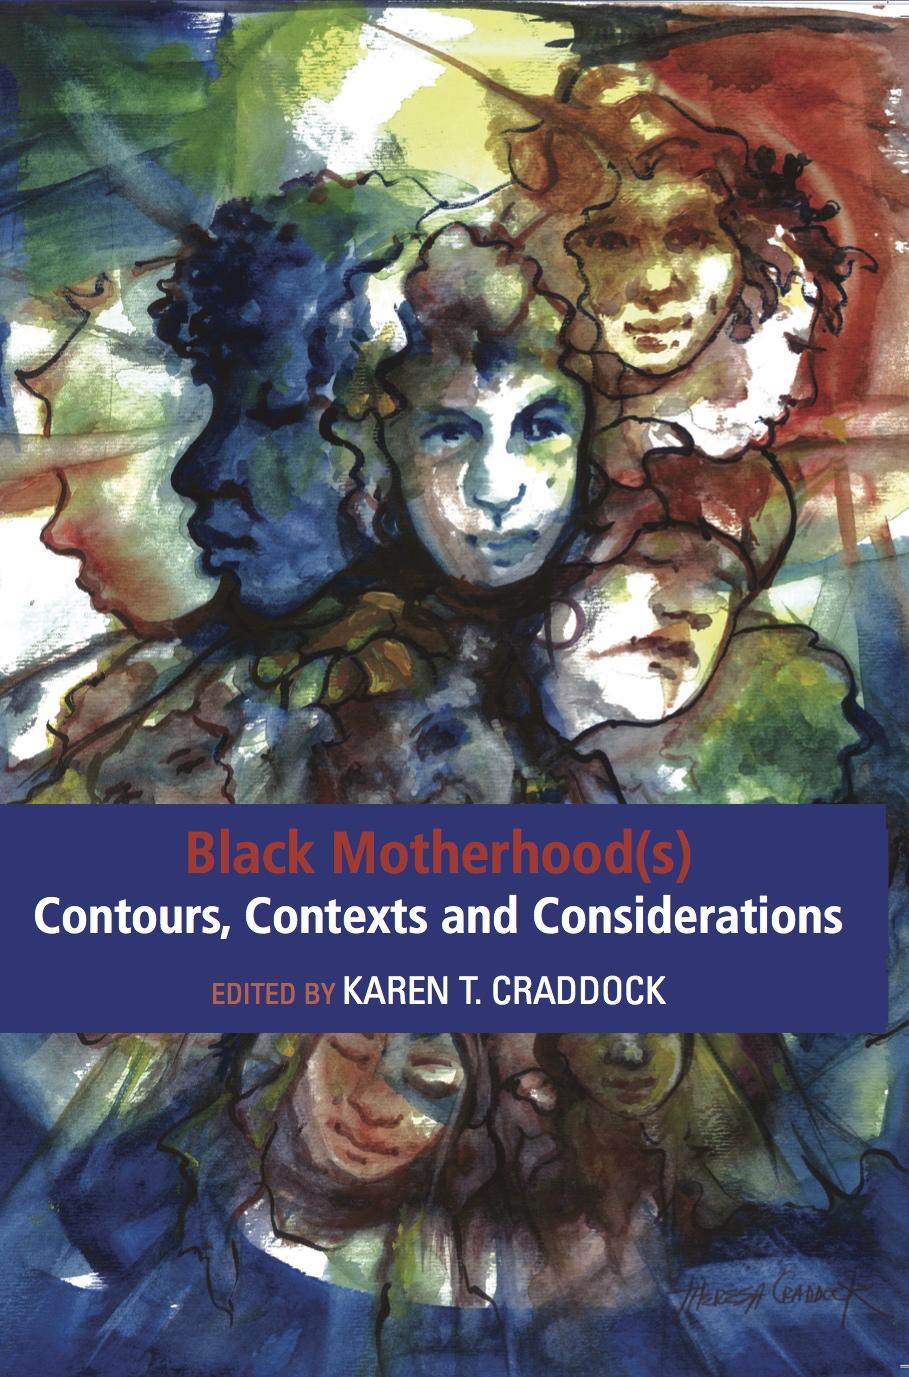 blackmotherhoodscover.jpg